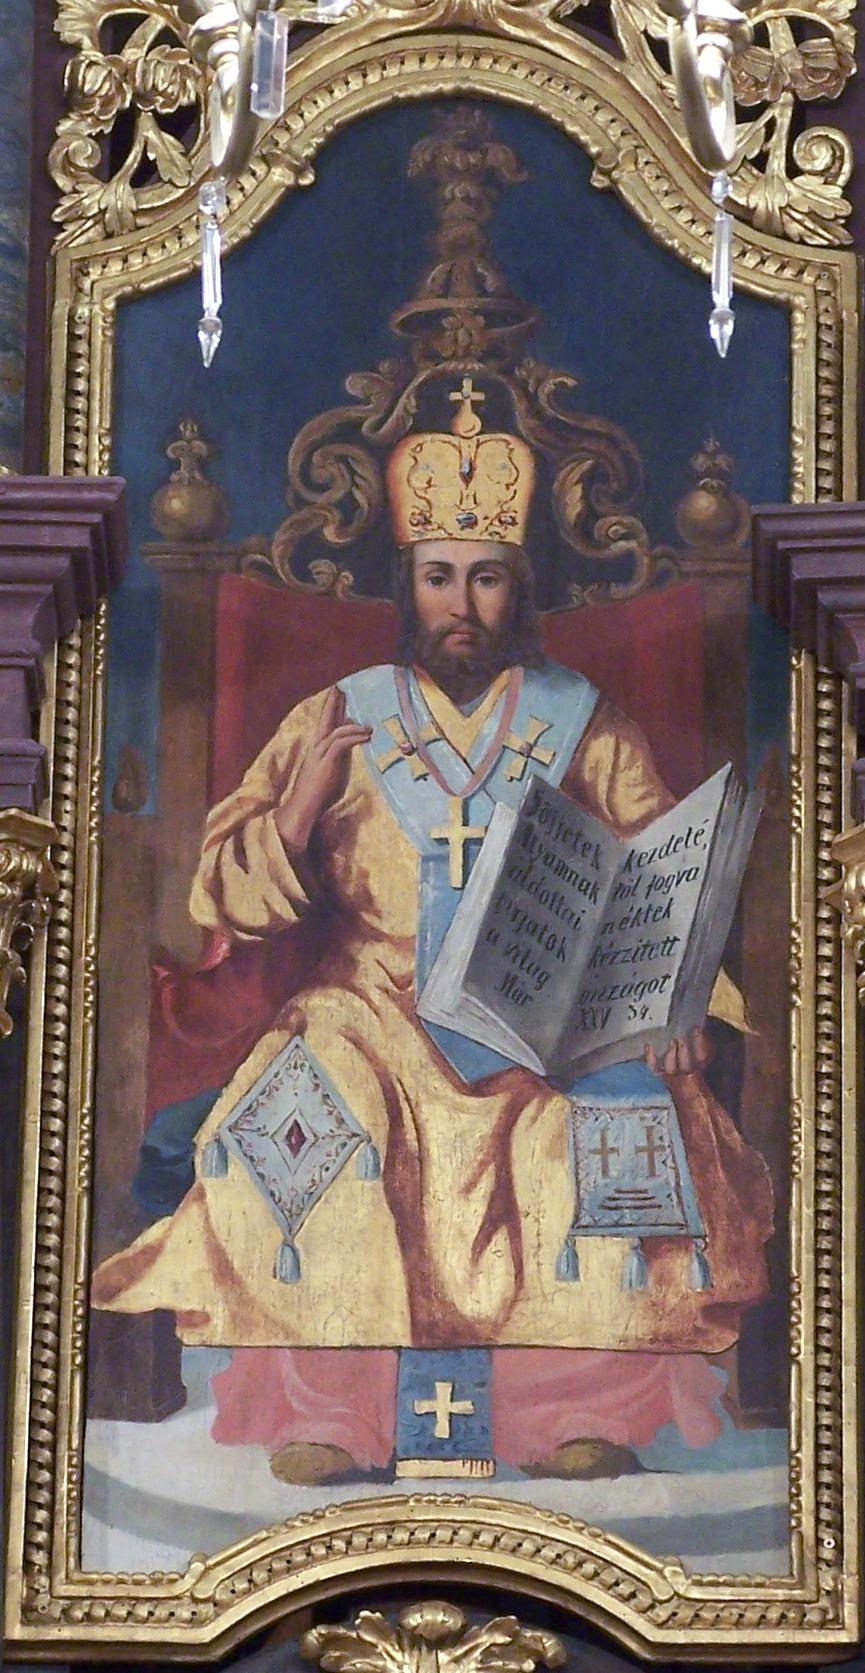 Cristo in trono, Re dell'Universo dans immagini sacre